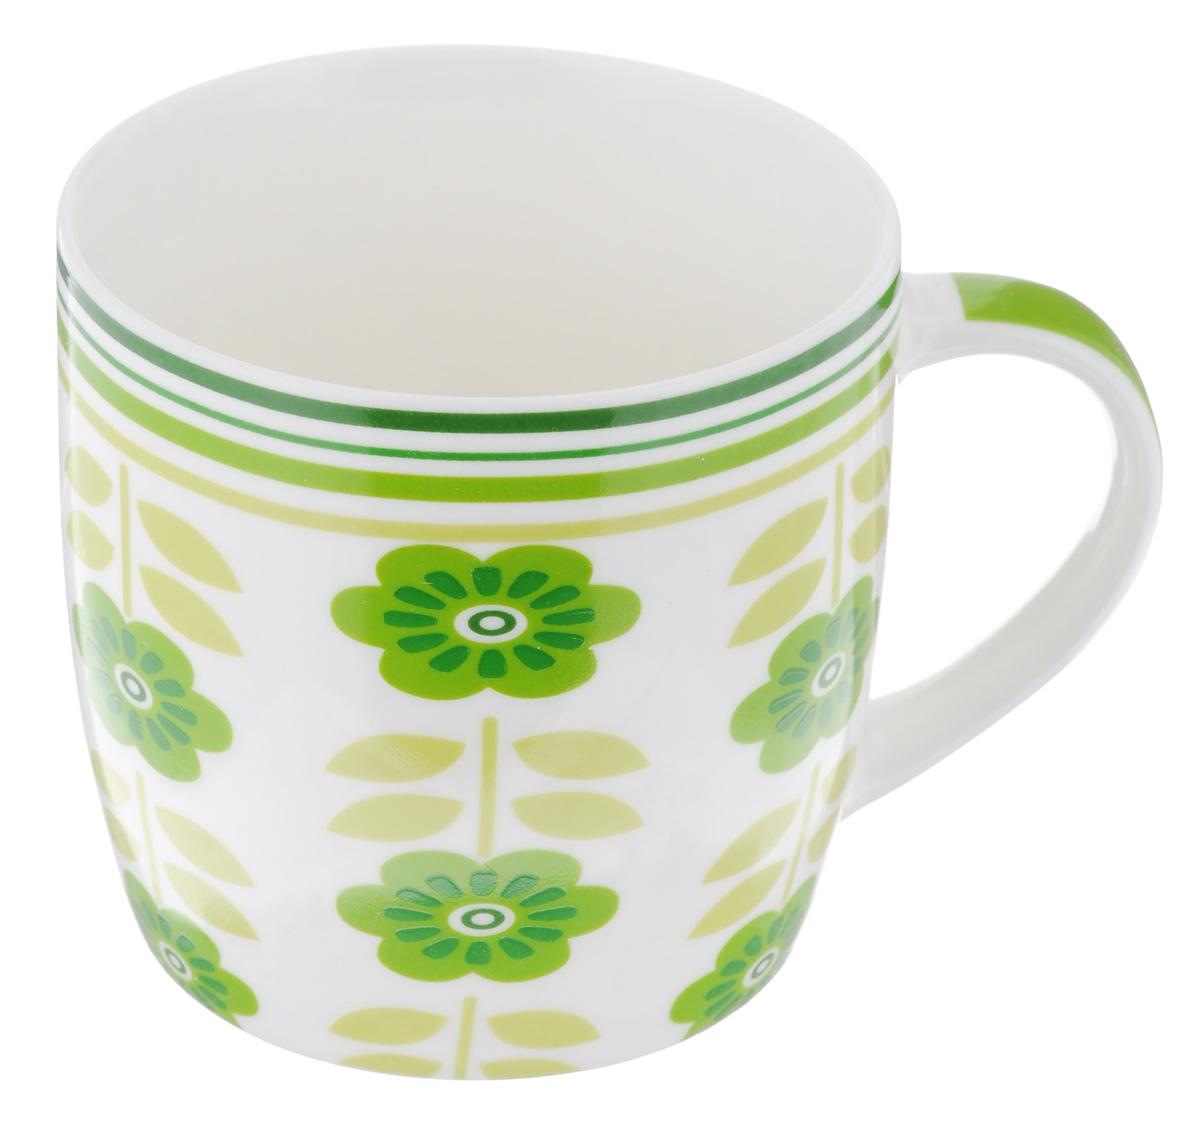 Кружка Loraine Цветы, цвет: белый, зеленый, 320 мл кружка loraine цвет белый красный голубой 320 мл 24484